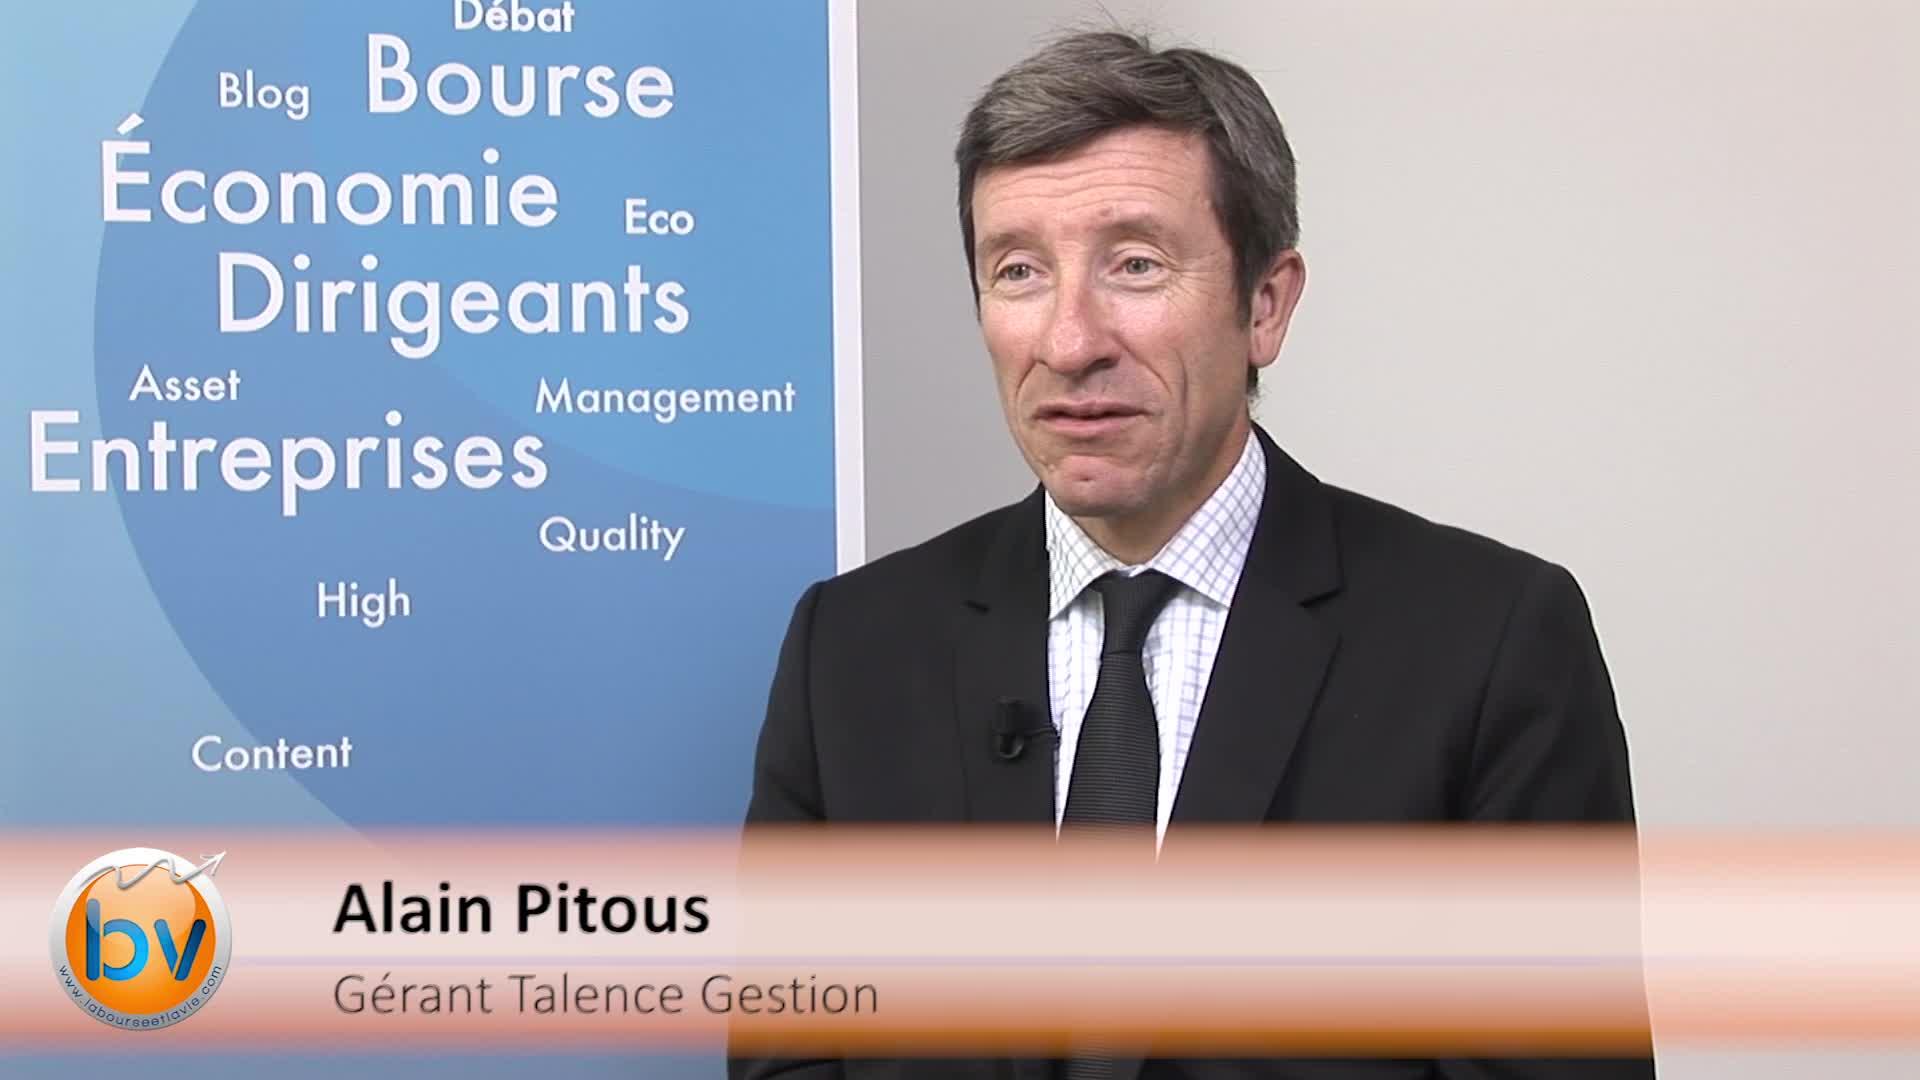 """Alain Pitous Gérant Talence Gestion : """"Plutôt favorable aux actions européennes"""""""